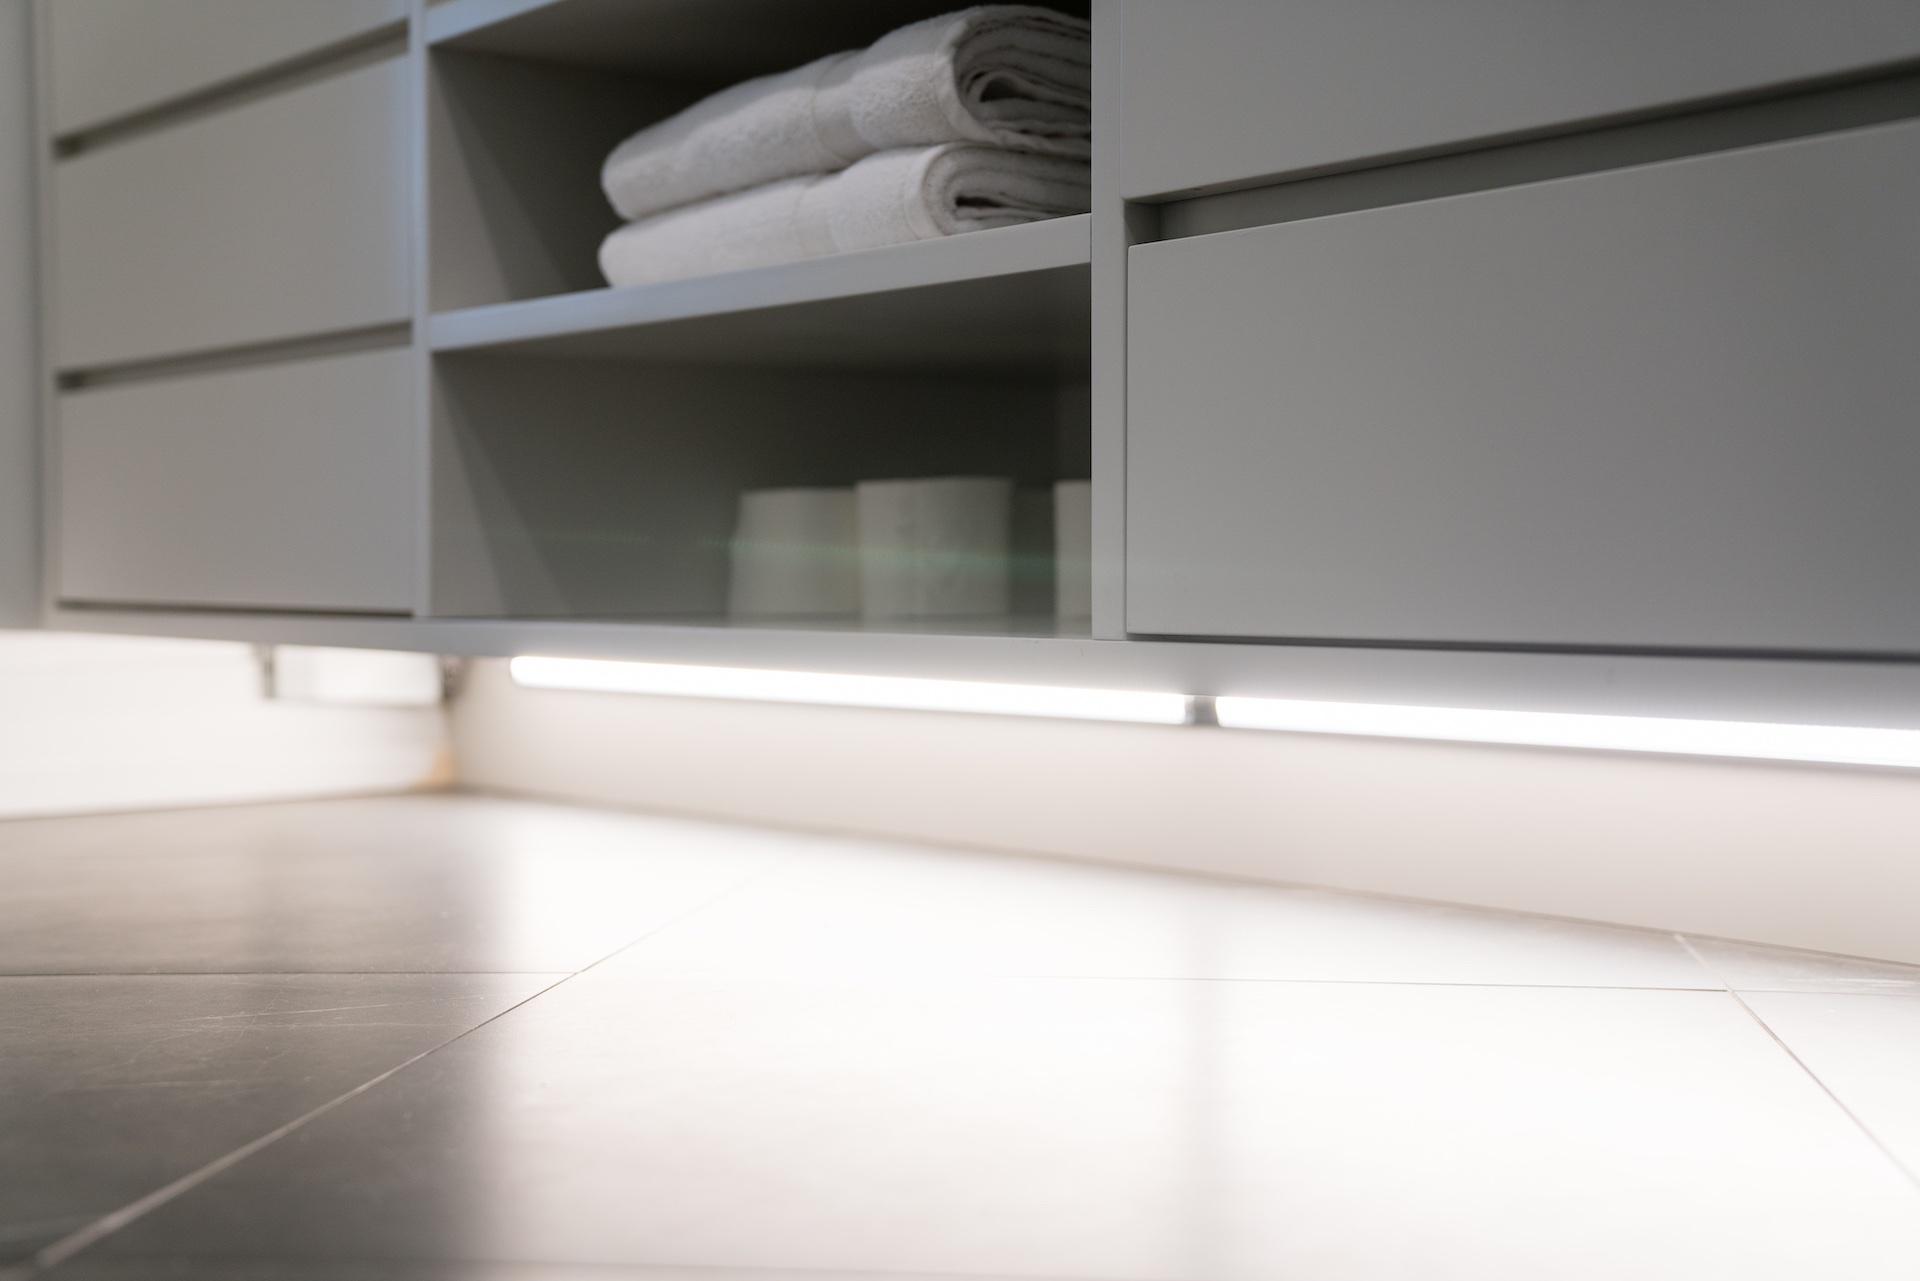 grey vanity drawers